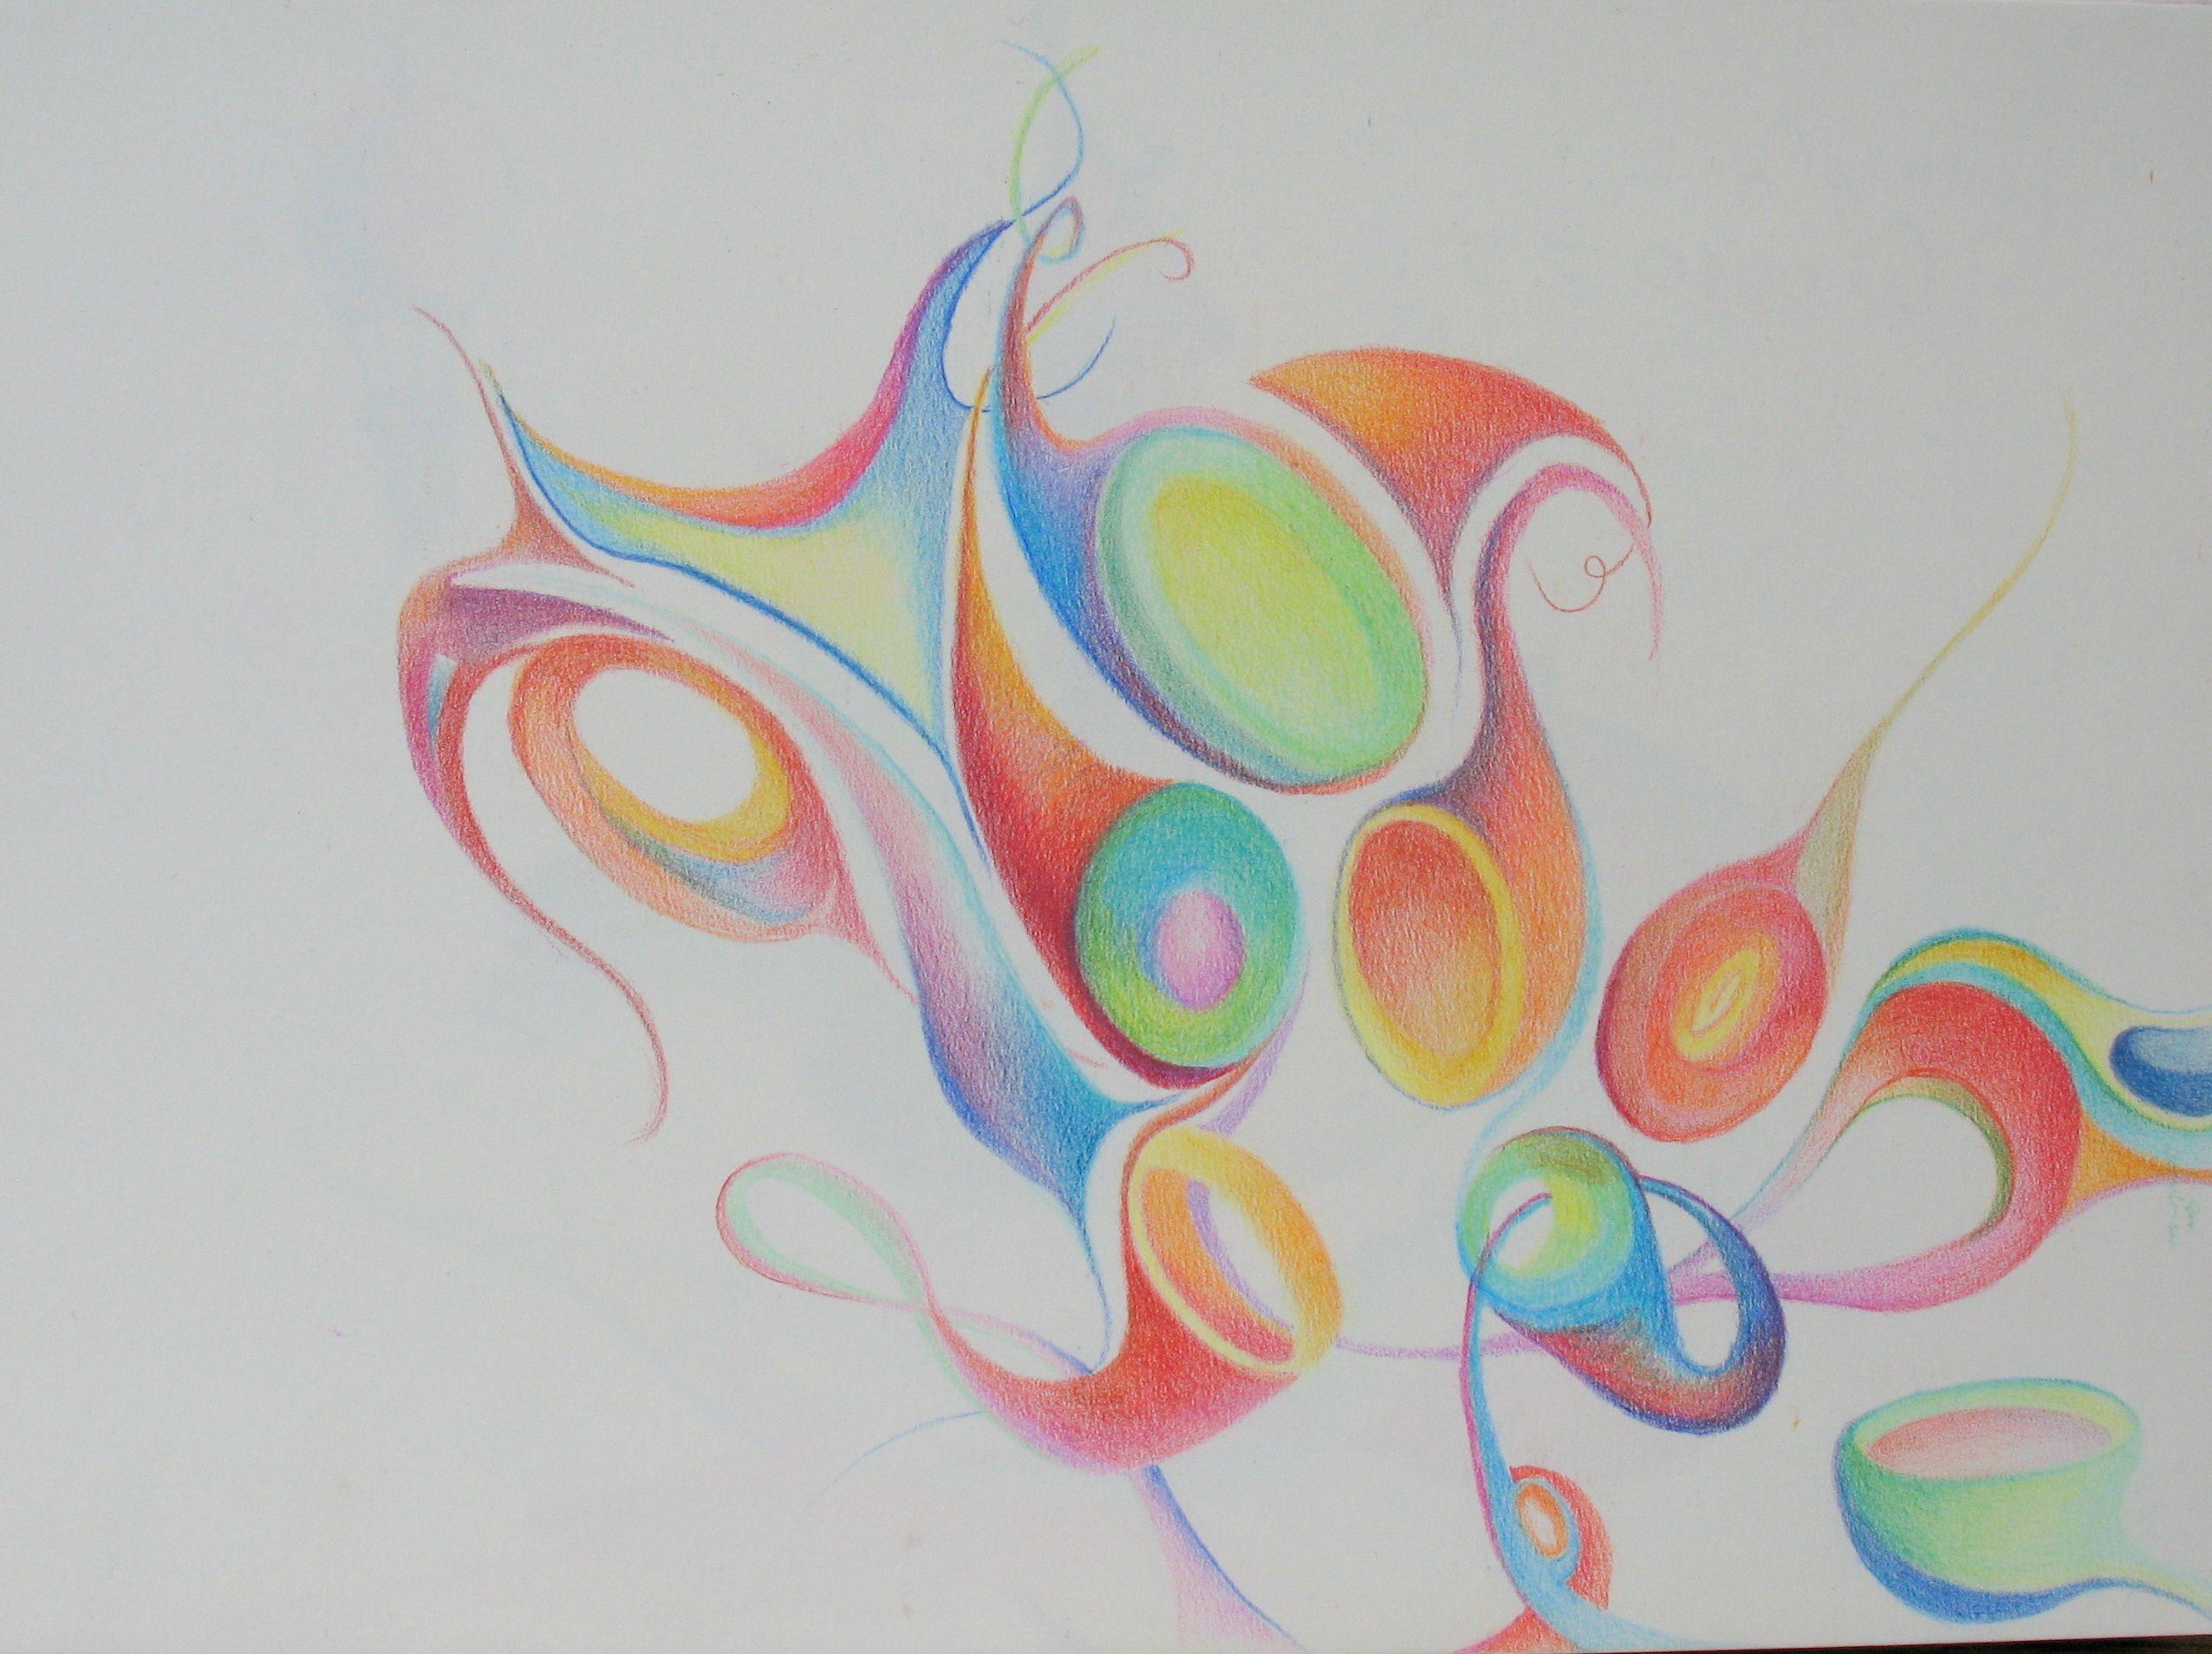 Welp Afbeeldingsresultaat voor tekenen met kleurpotloden YW-26